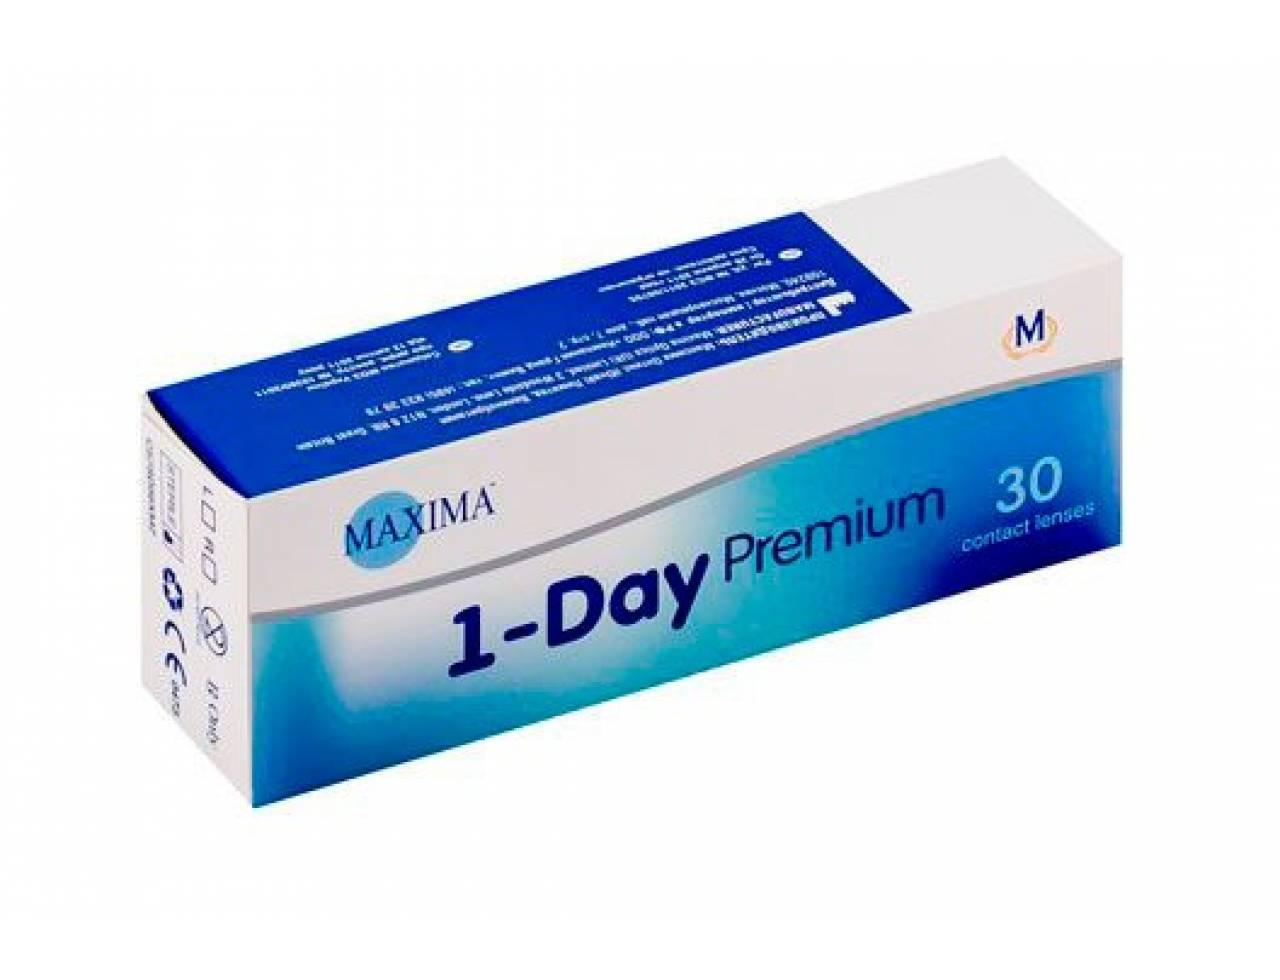 Однодневные контактные линзы Maxima 1-Day Premium - Фото №7